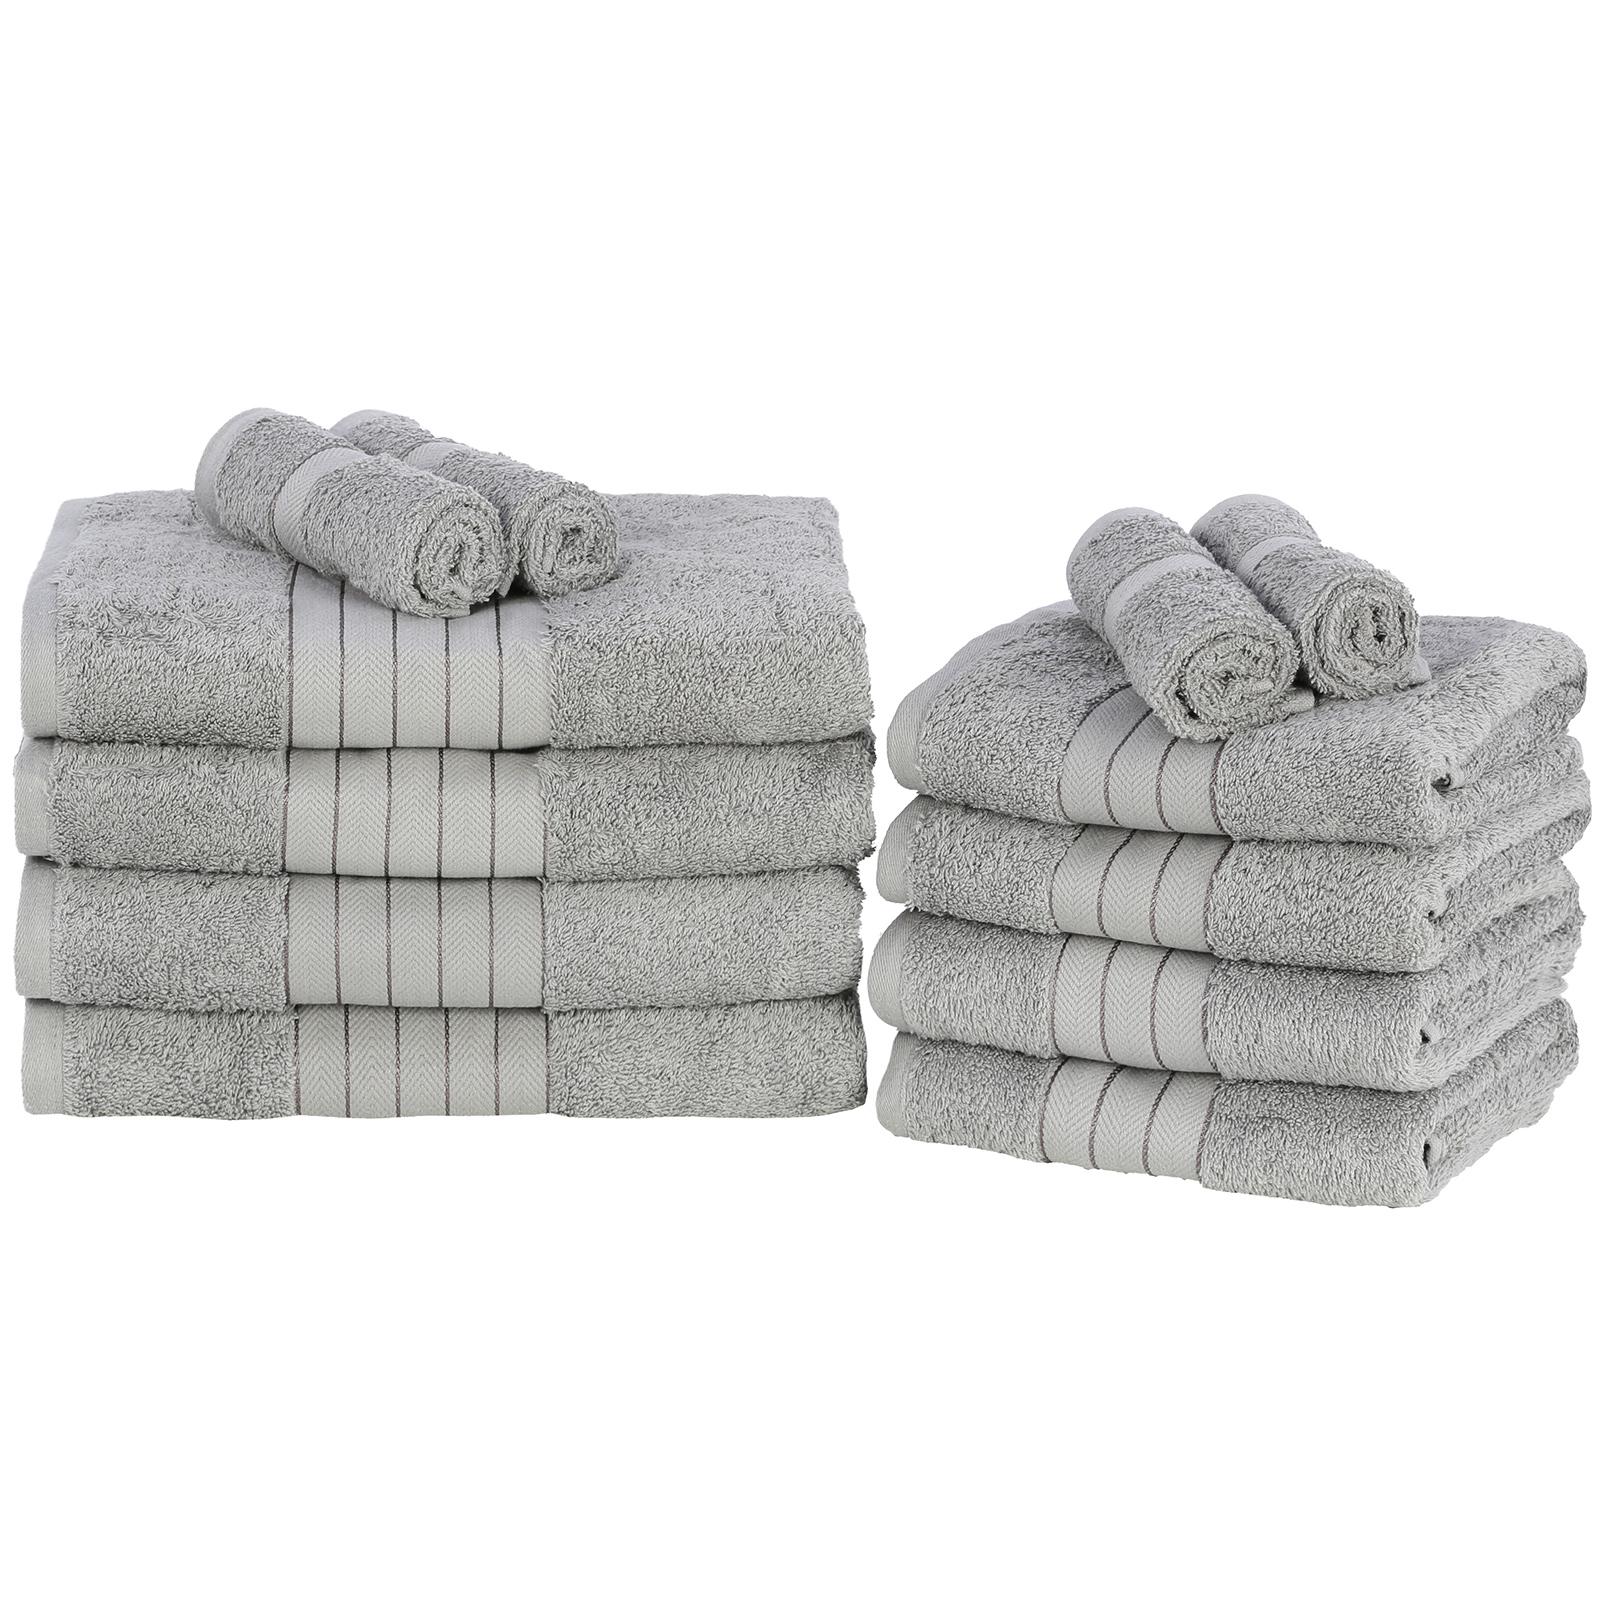 Hand Towel Near Me: Luxury Towels Bale Set 100% Egyptian Cotton Soft Bath Hand